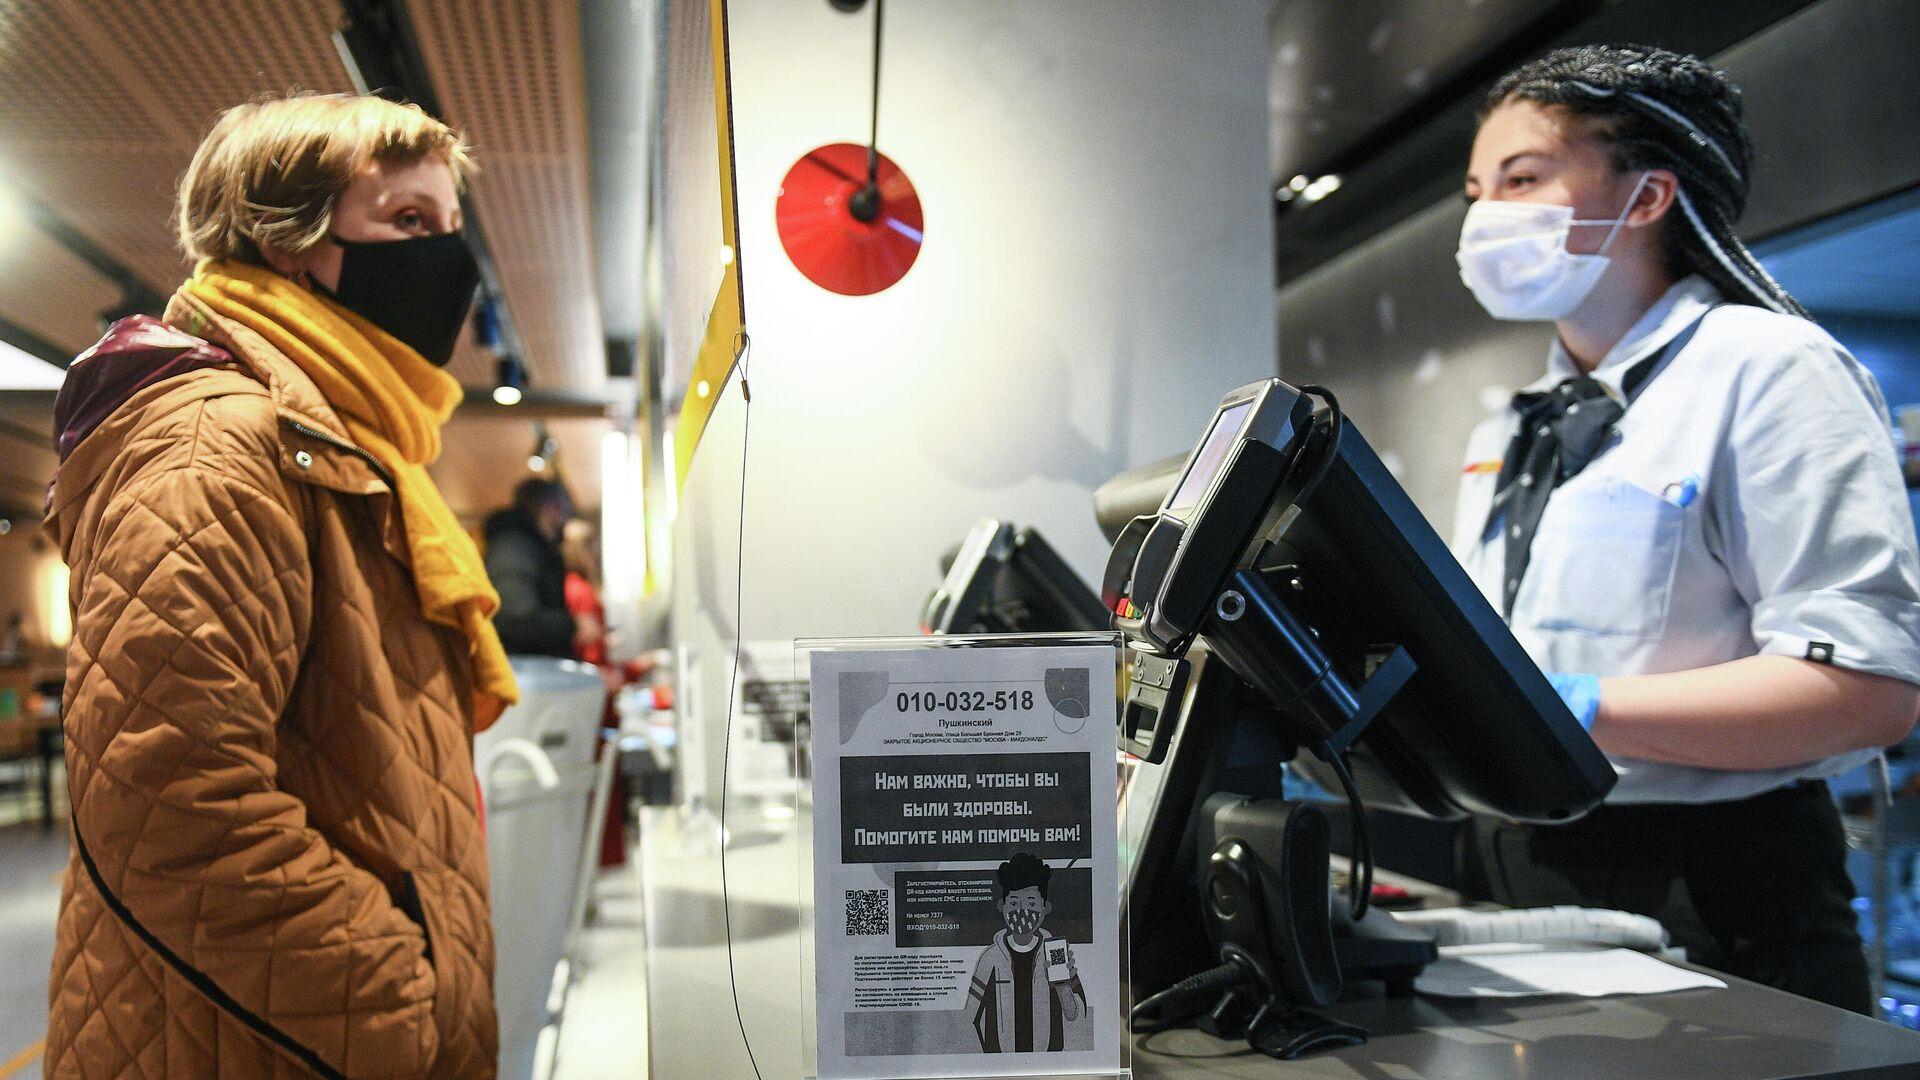 Сеть ресторанов Макдоналдс вводят систему QR-кодов в Москве - РИА Новости, 1920, 11.11.2020